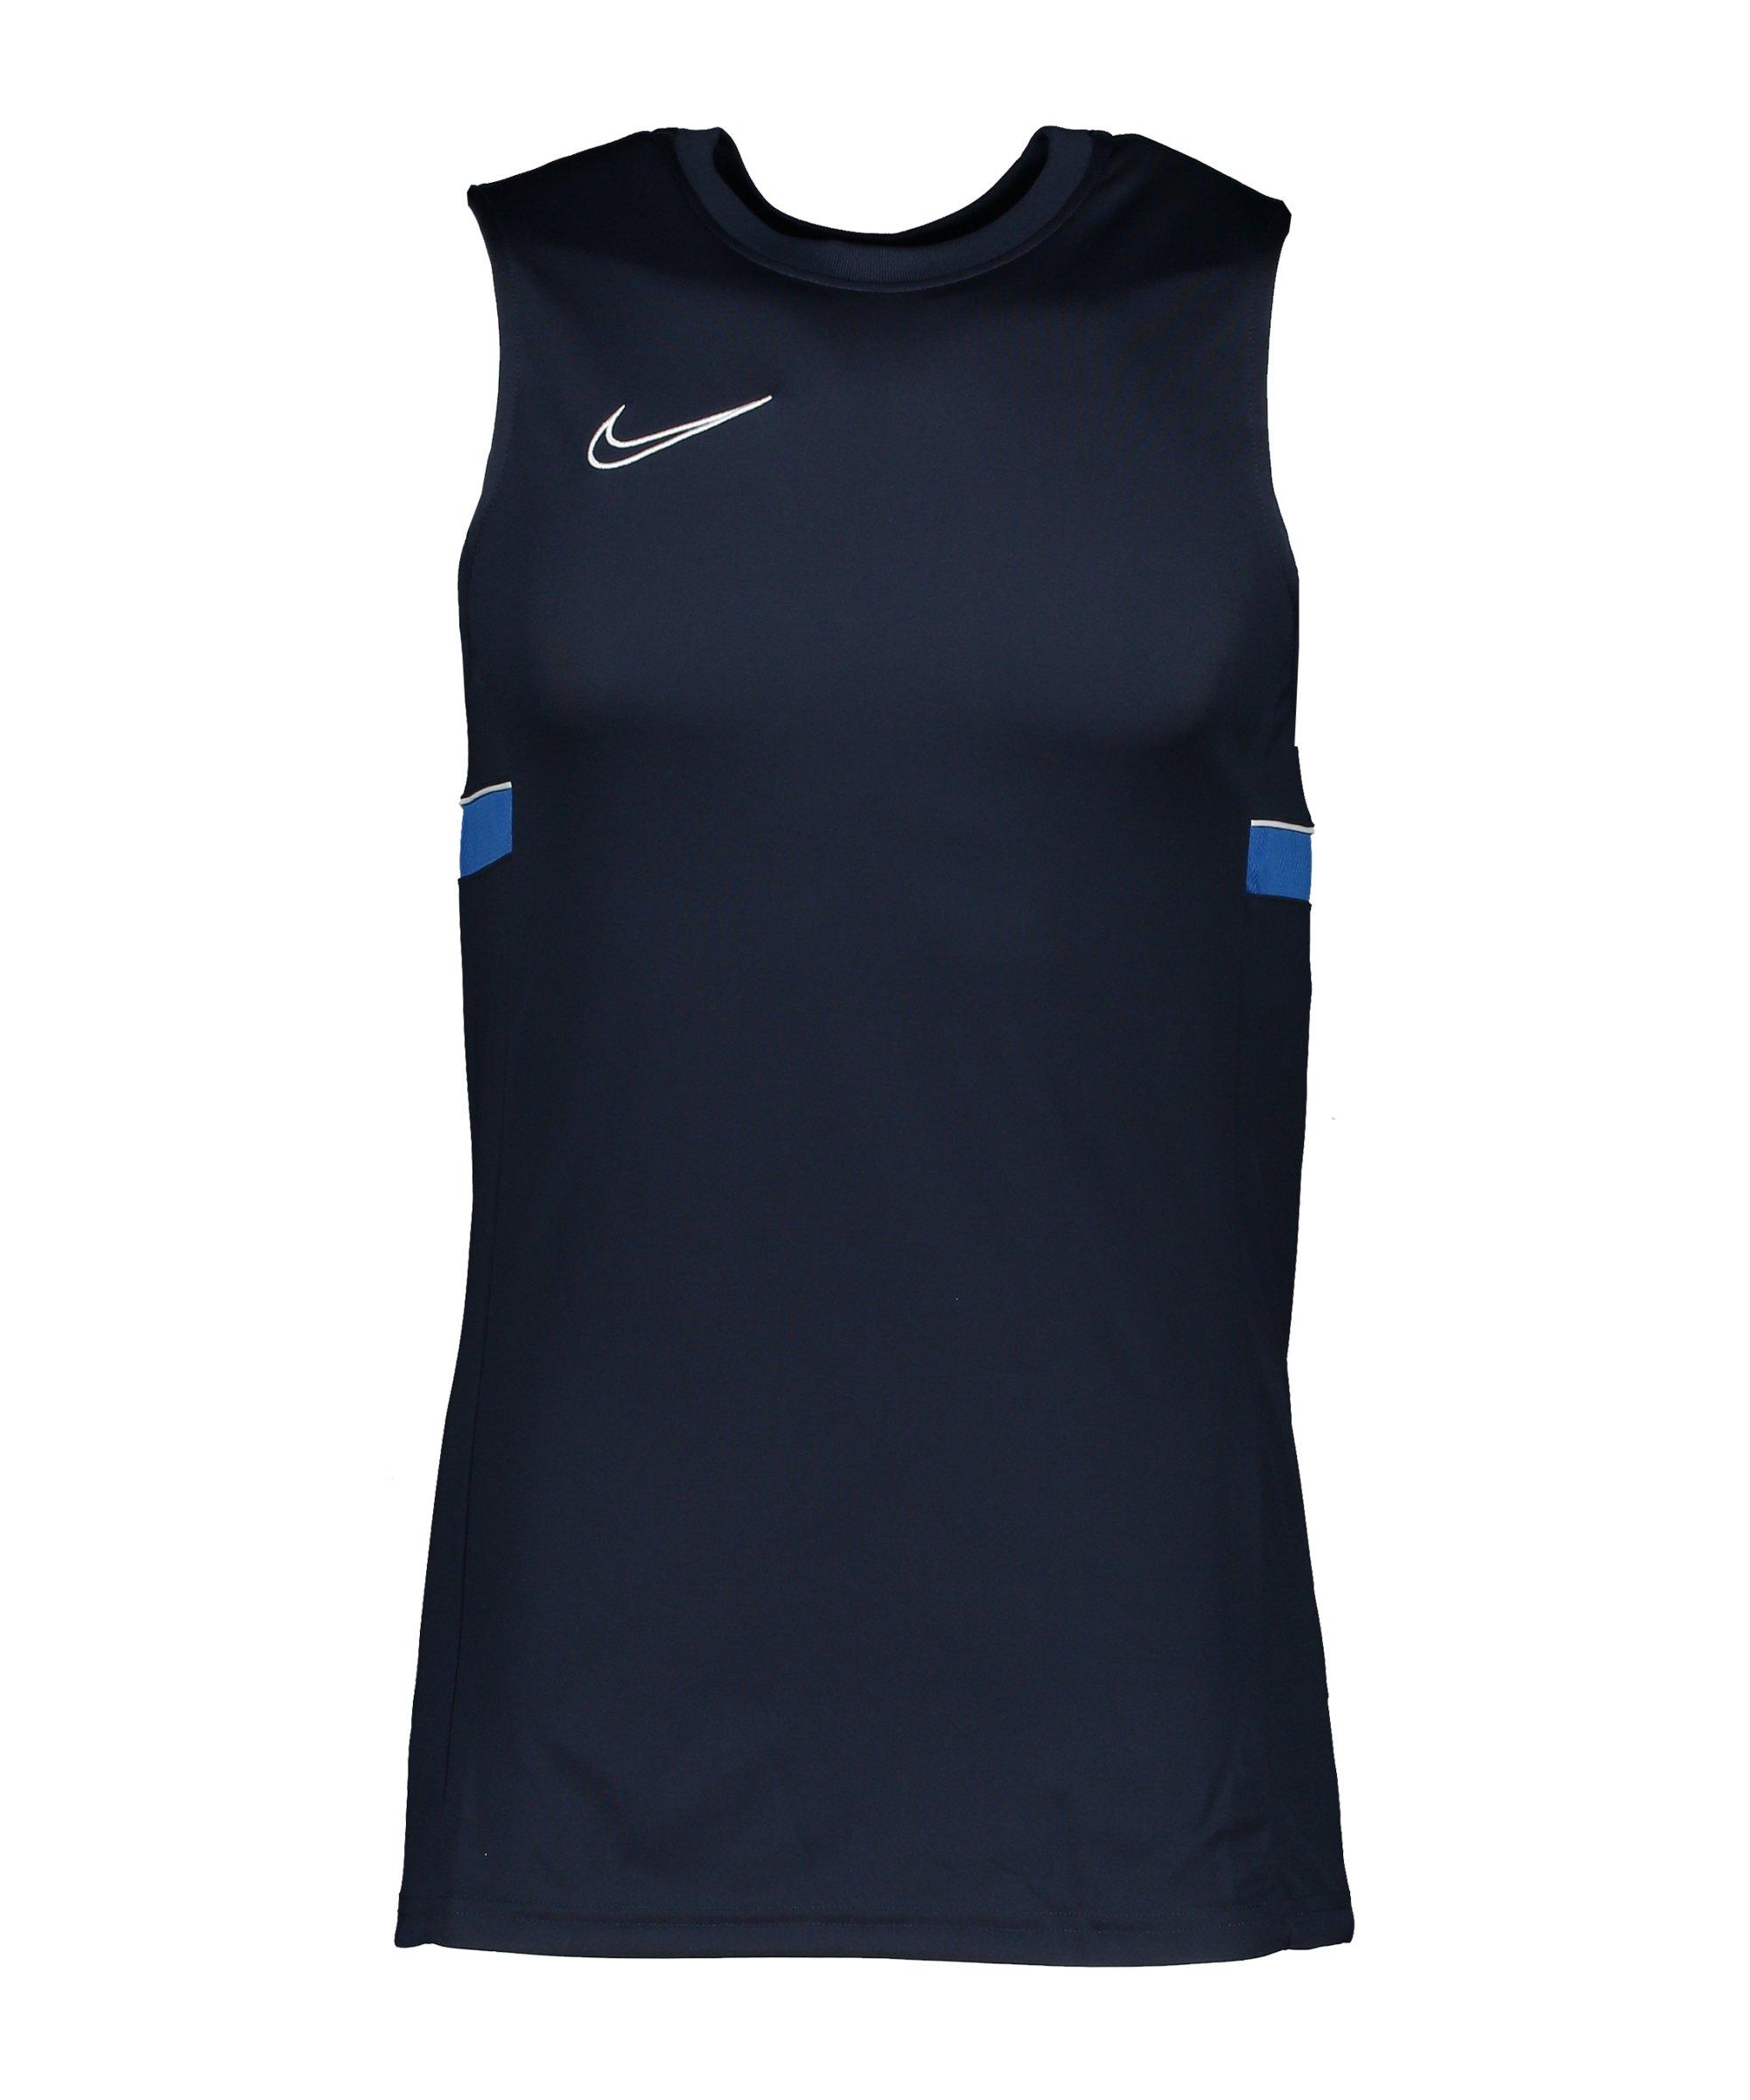 Nike Academy 21 Tanktop Blau Weiss F453 - blau